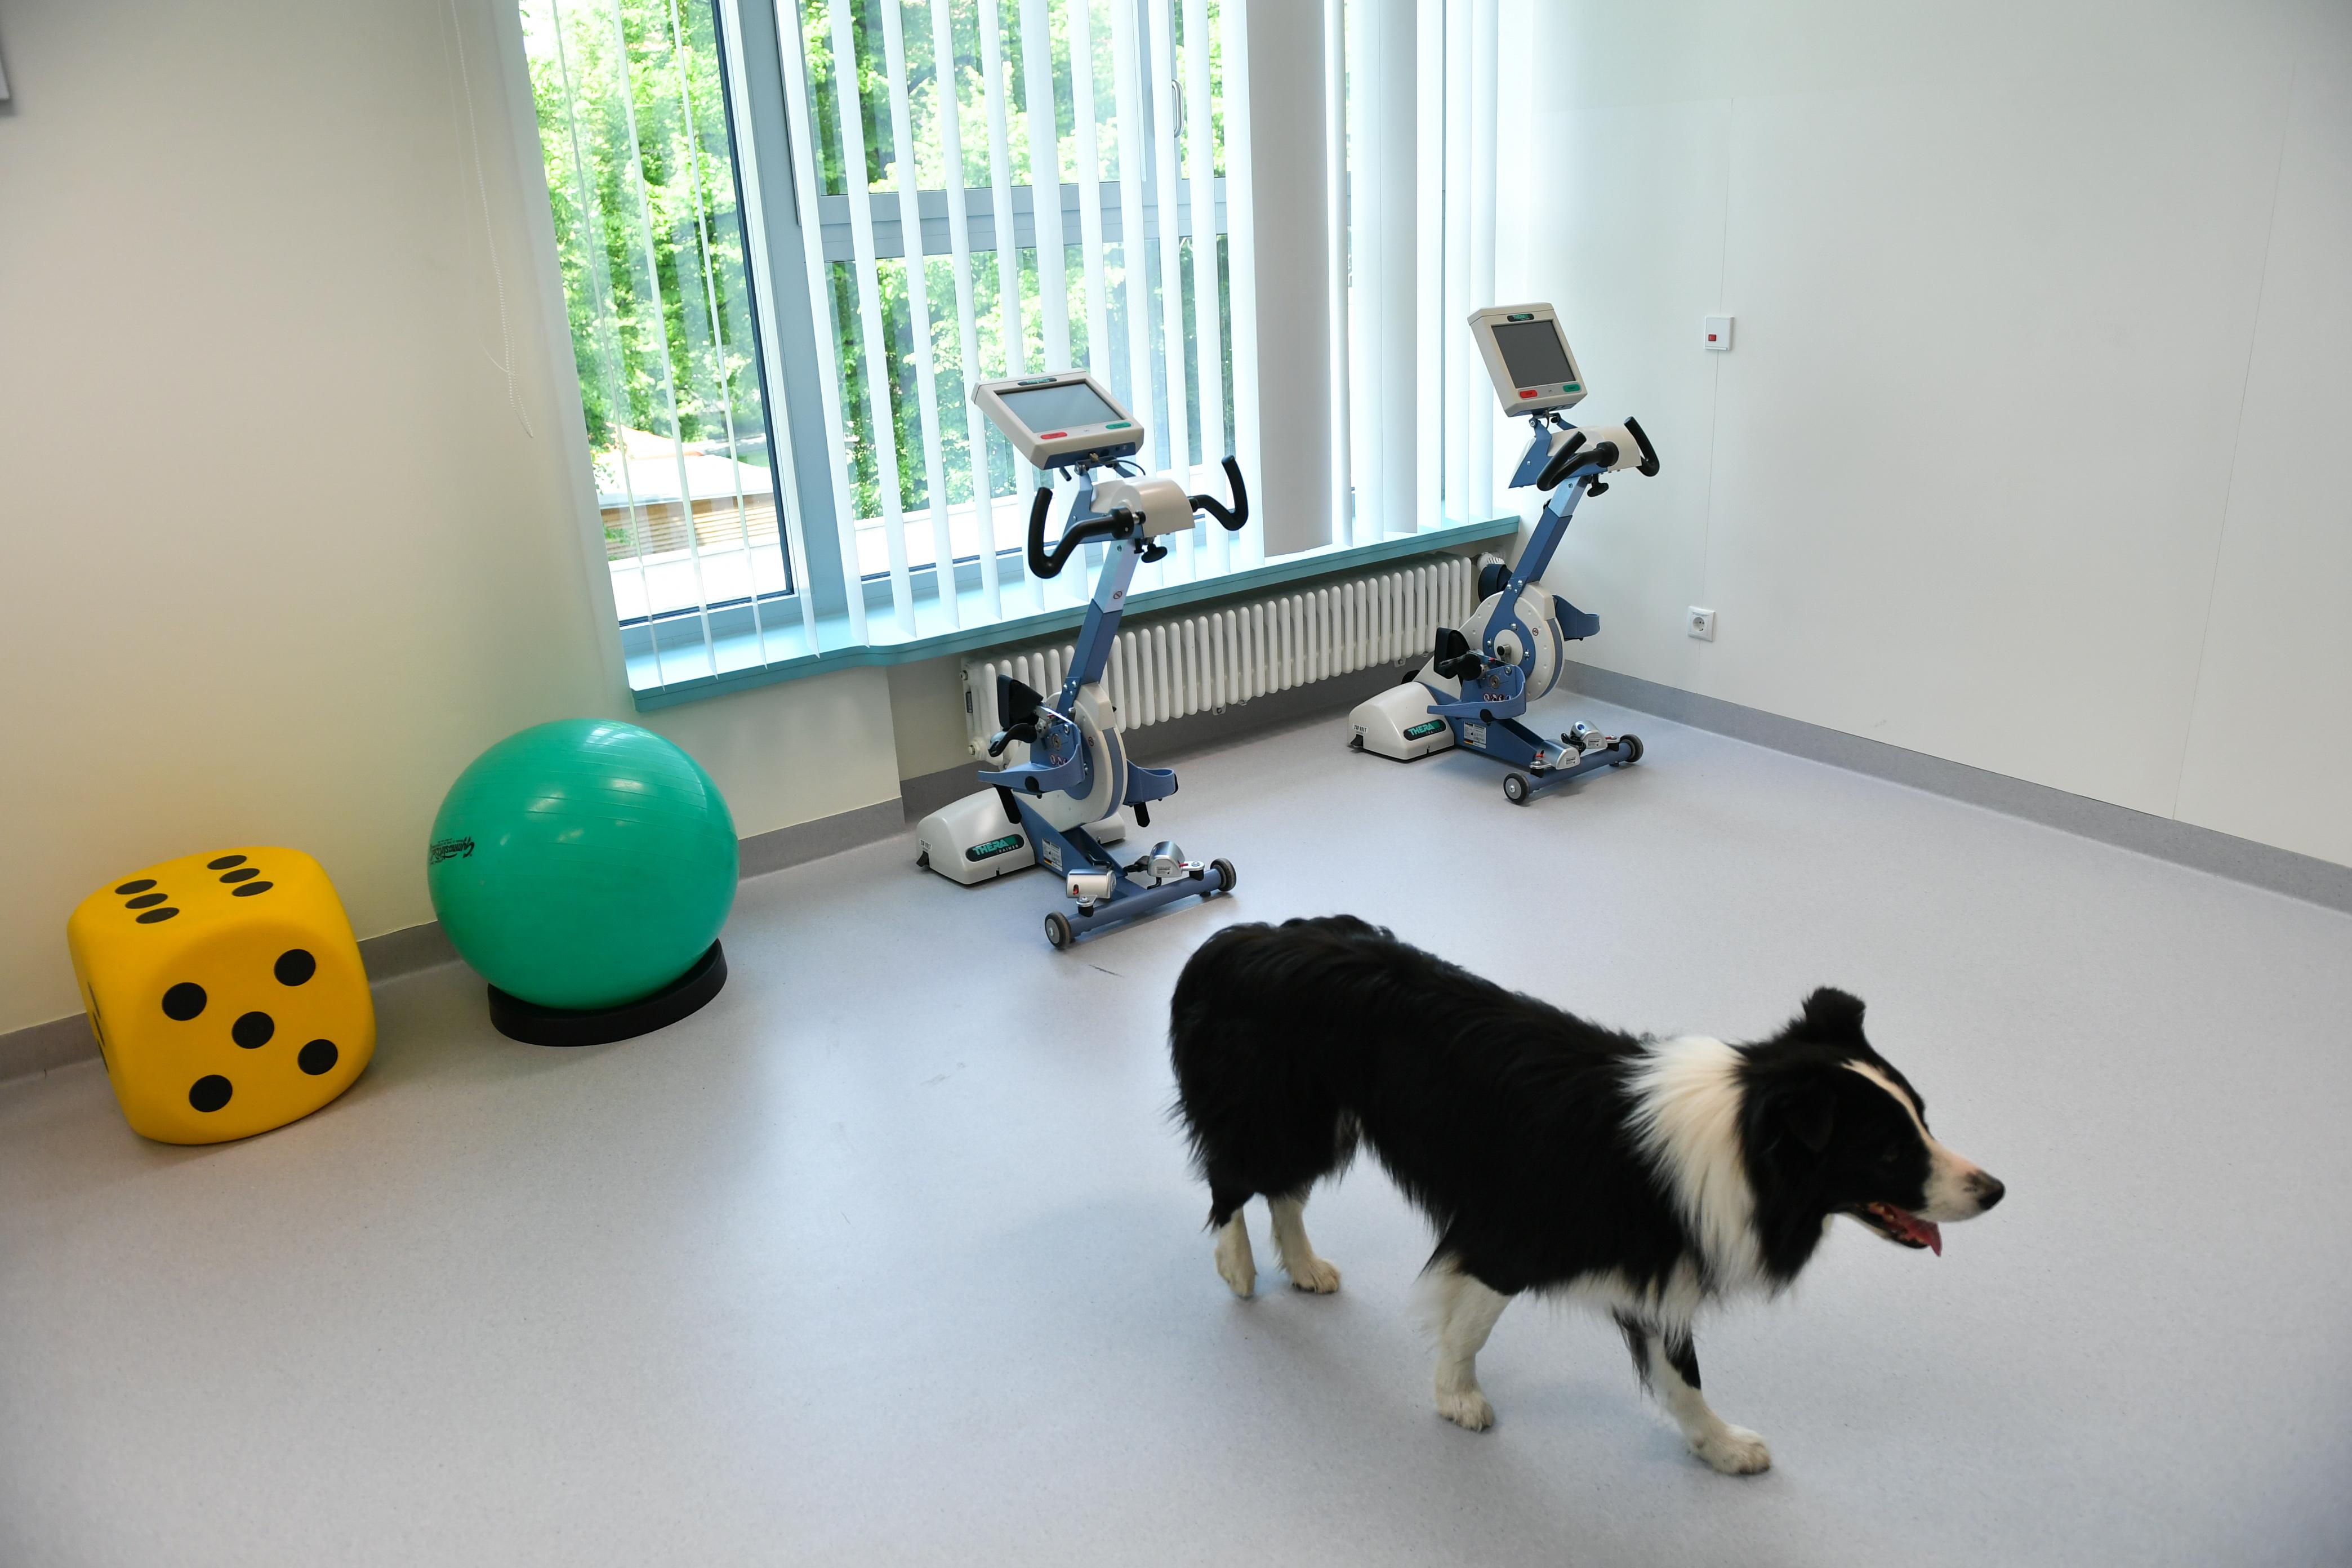 Rendeletet kellene módosítani, hogy a terápiás kutyákat is beengedjék az egészségügyi intézményekbe